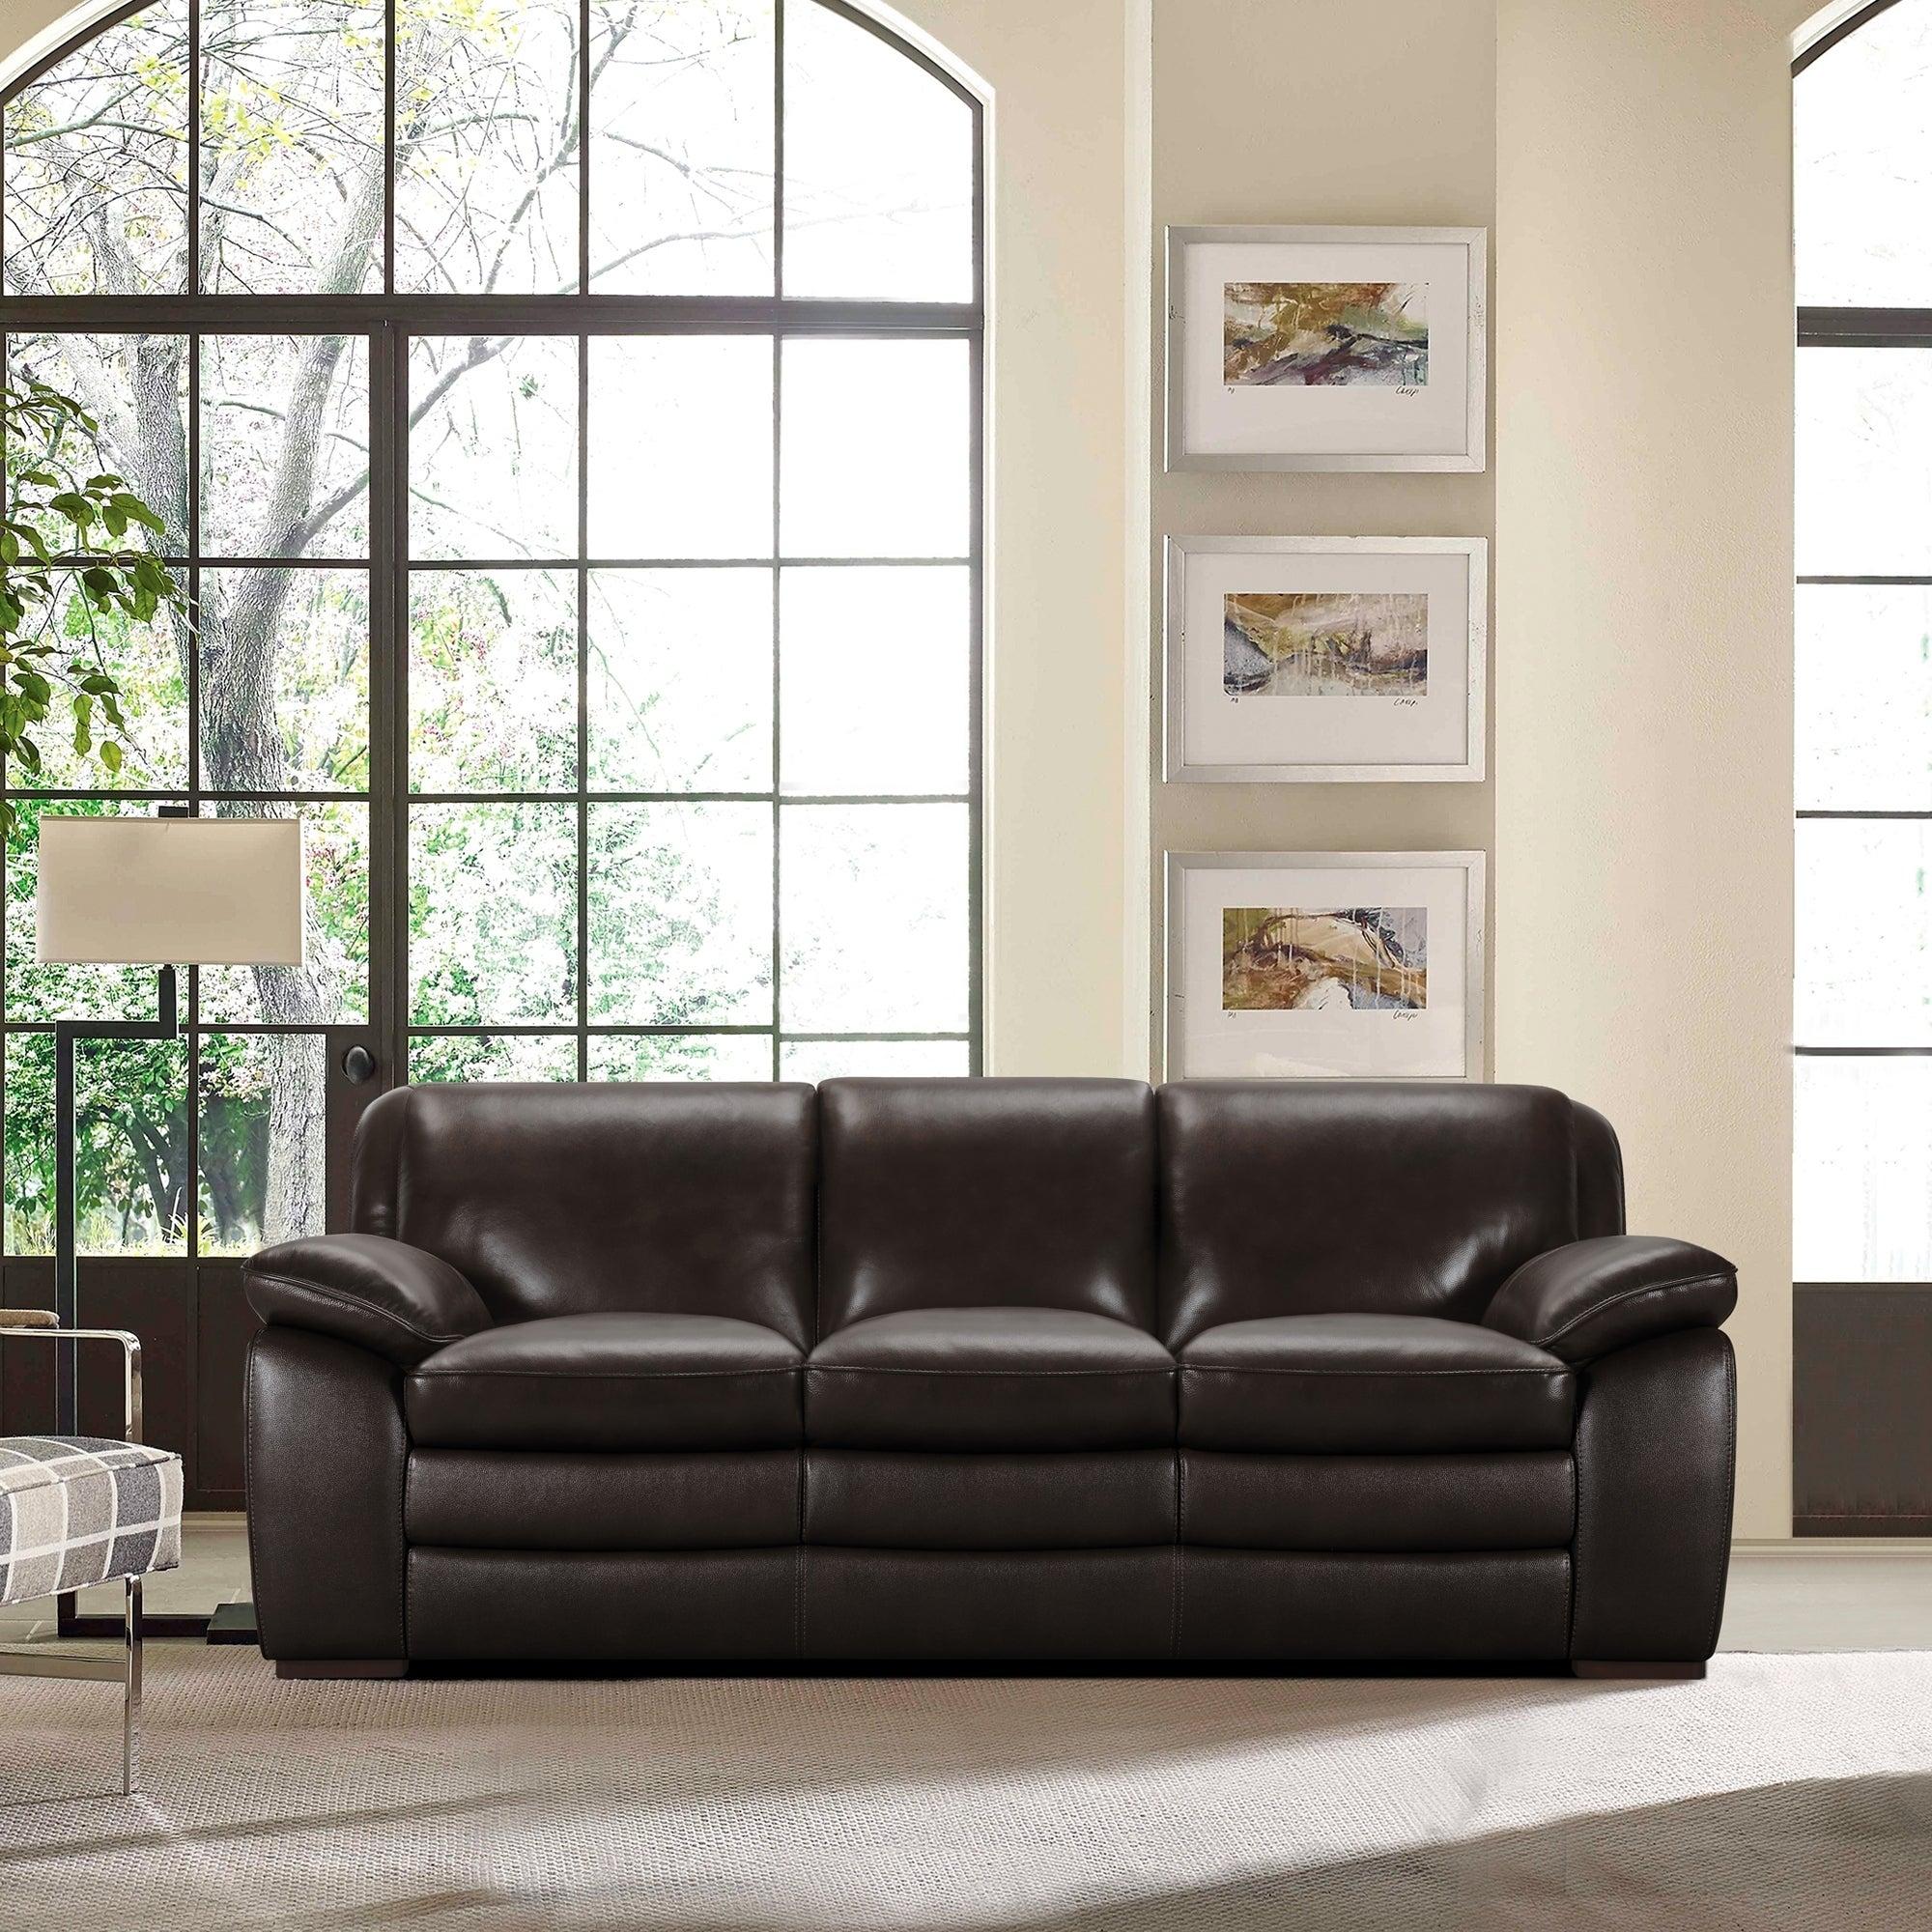 Armen Living Zanna Contemporary Sofa in Genuine Dark Brown Leather ...